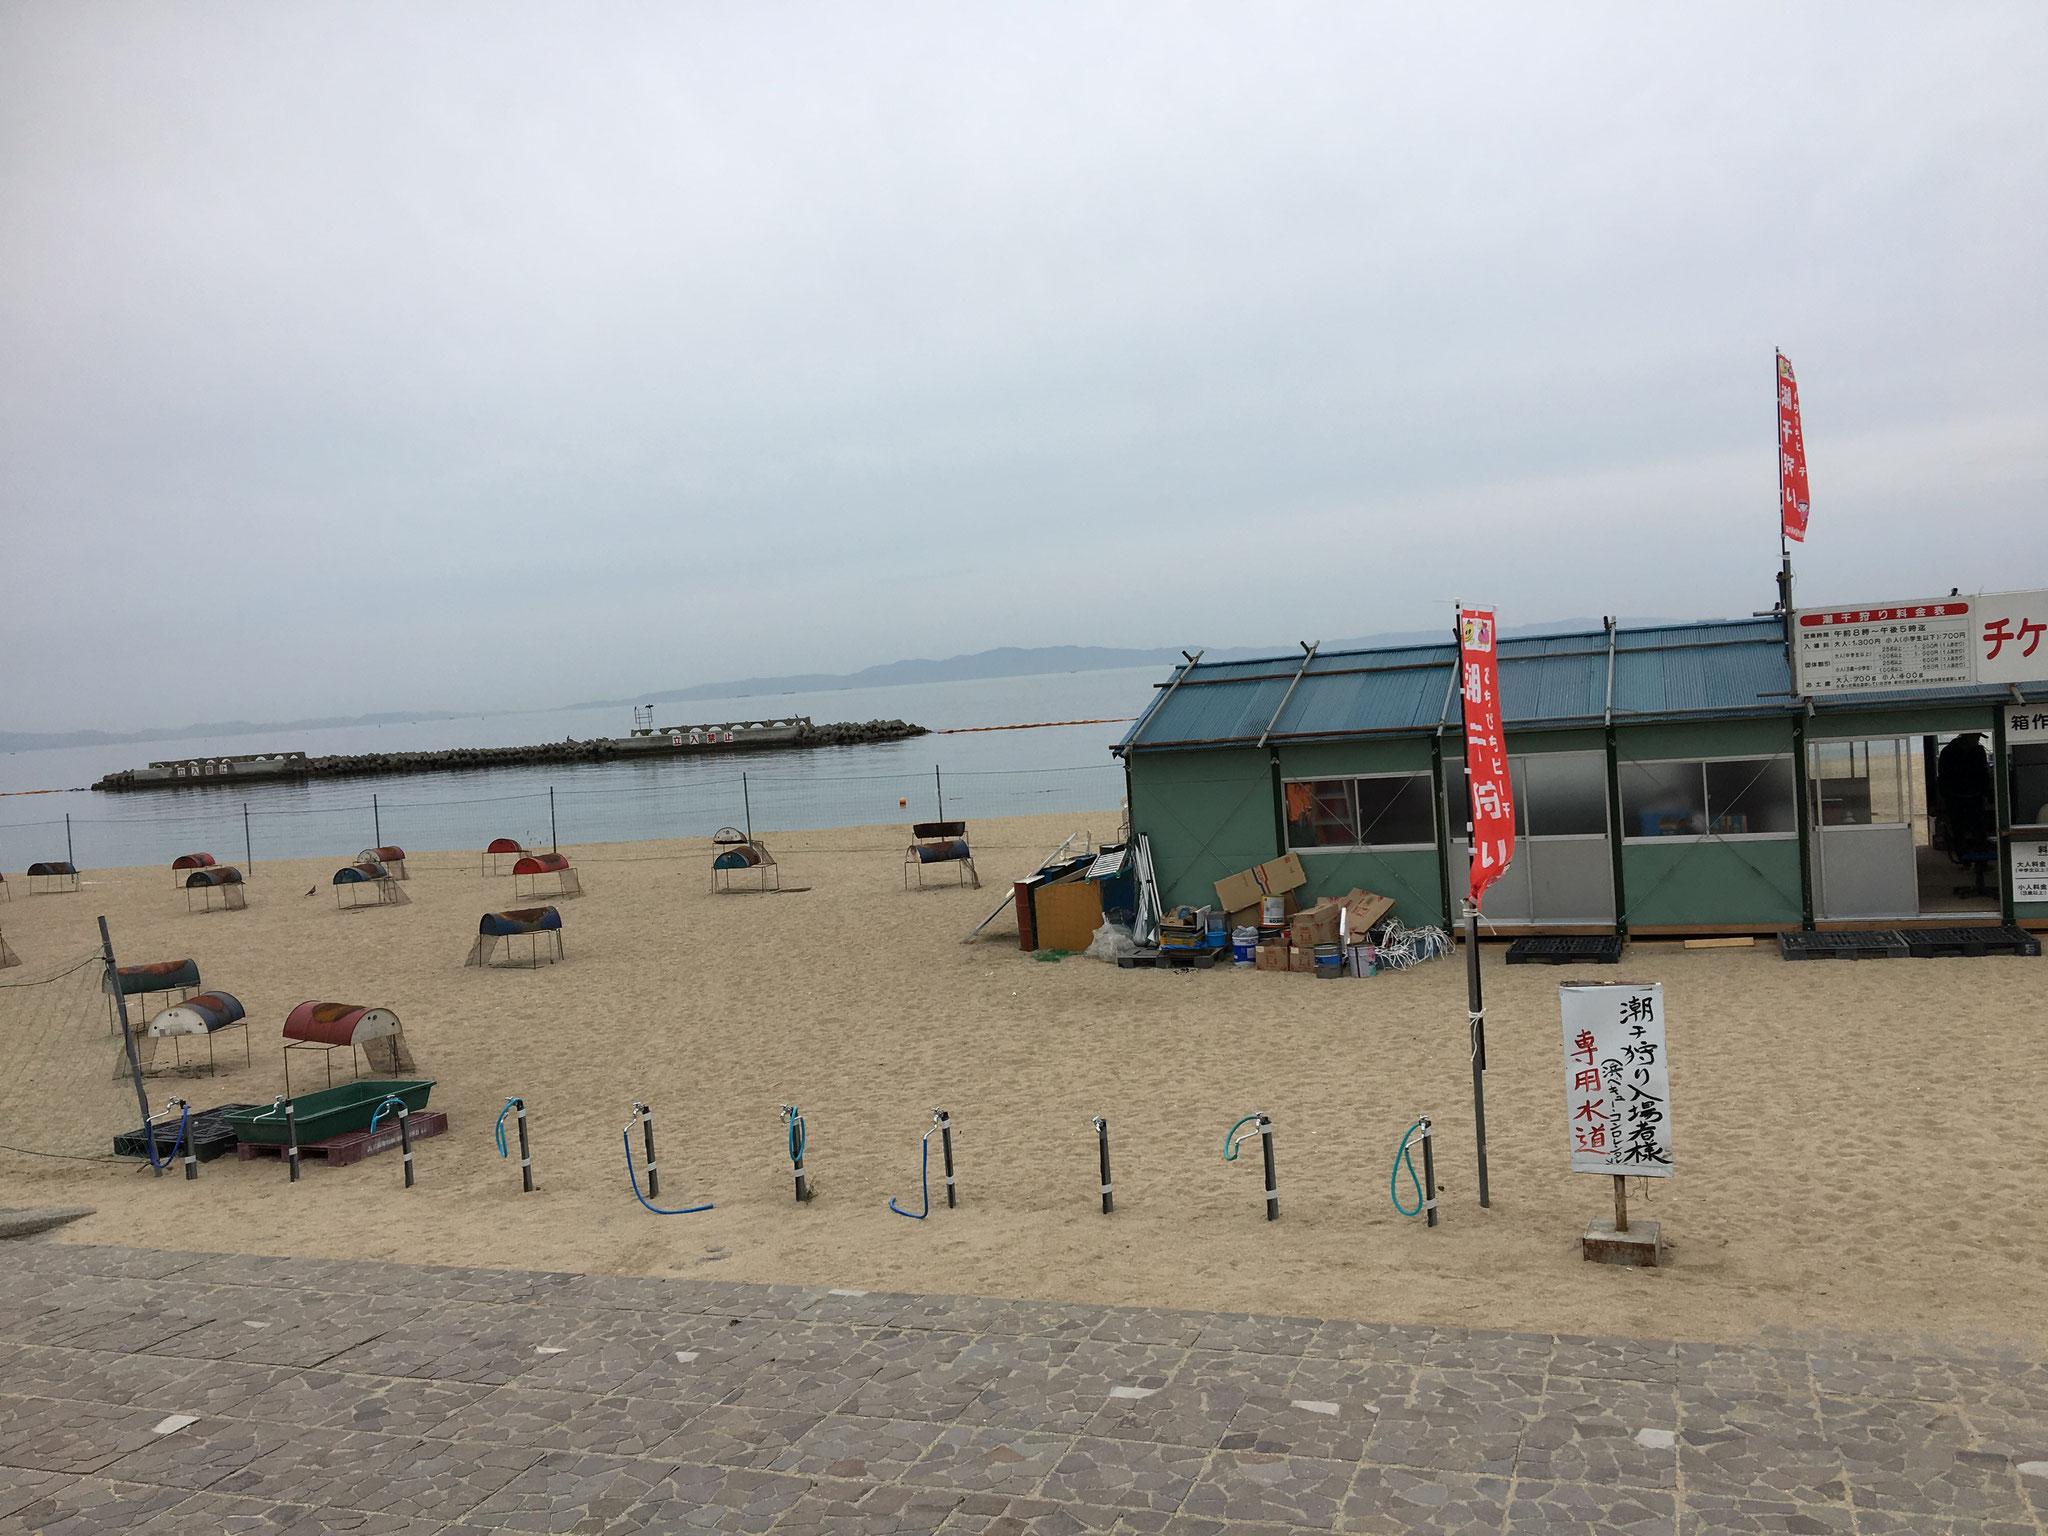 潮干狩りシーズン時のビーチ